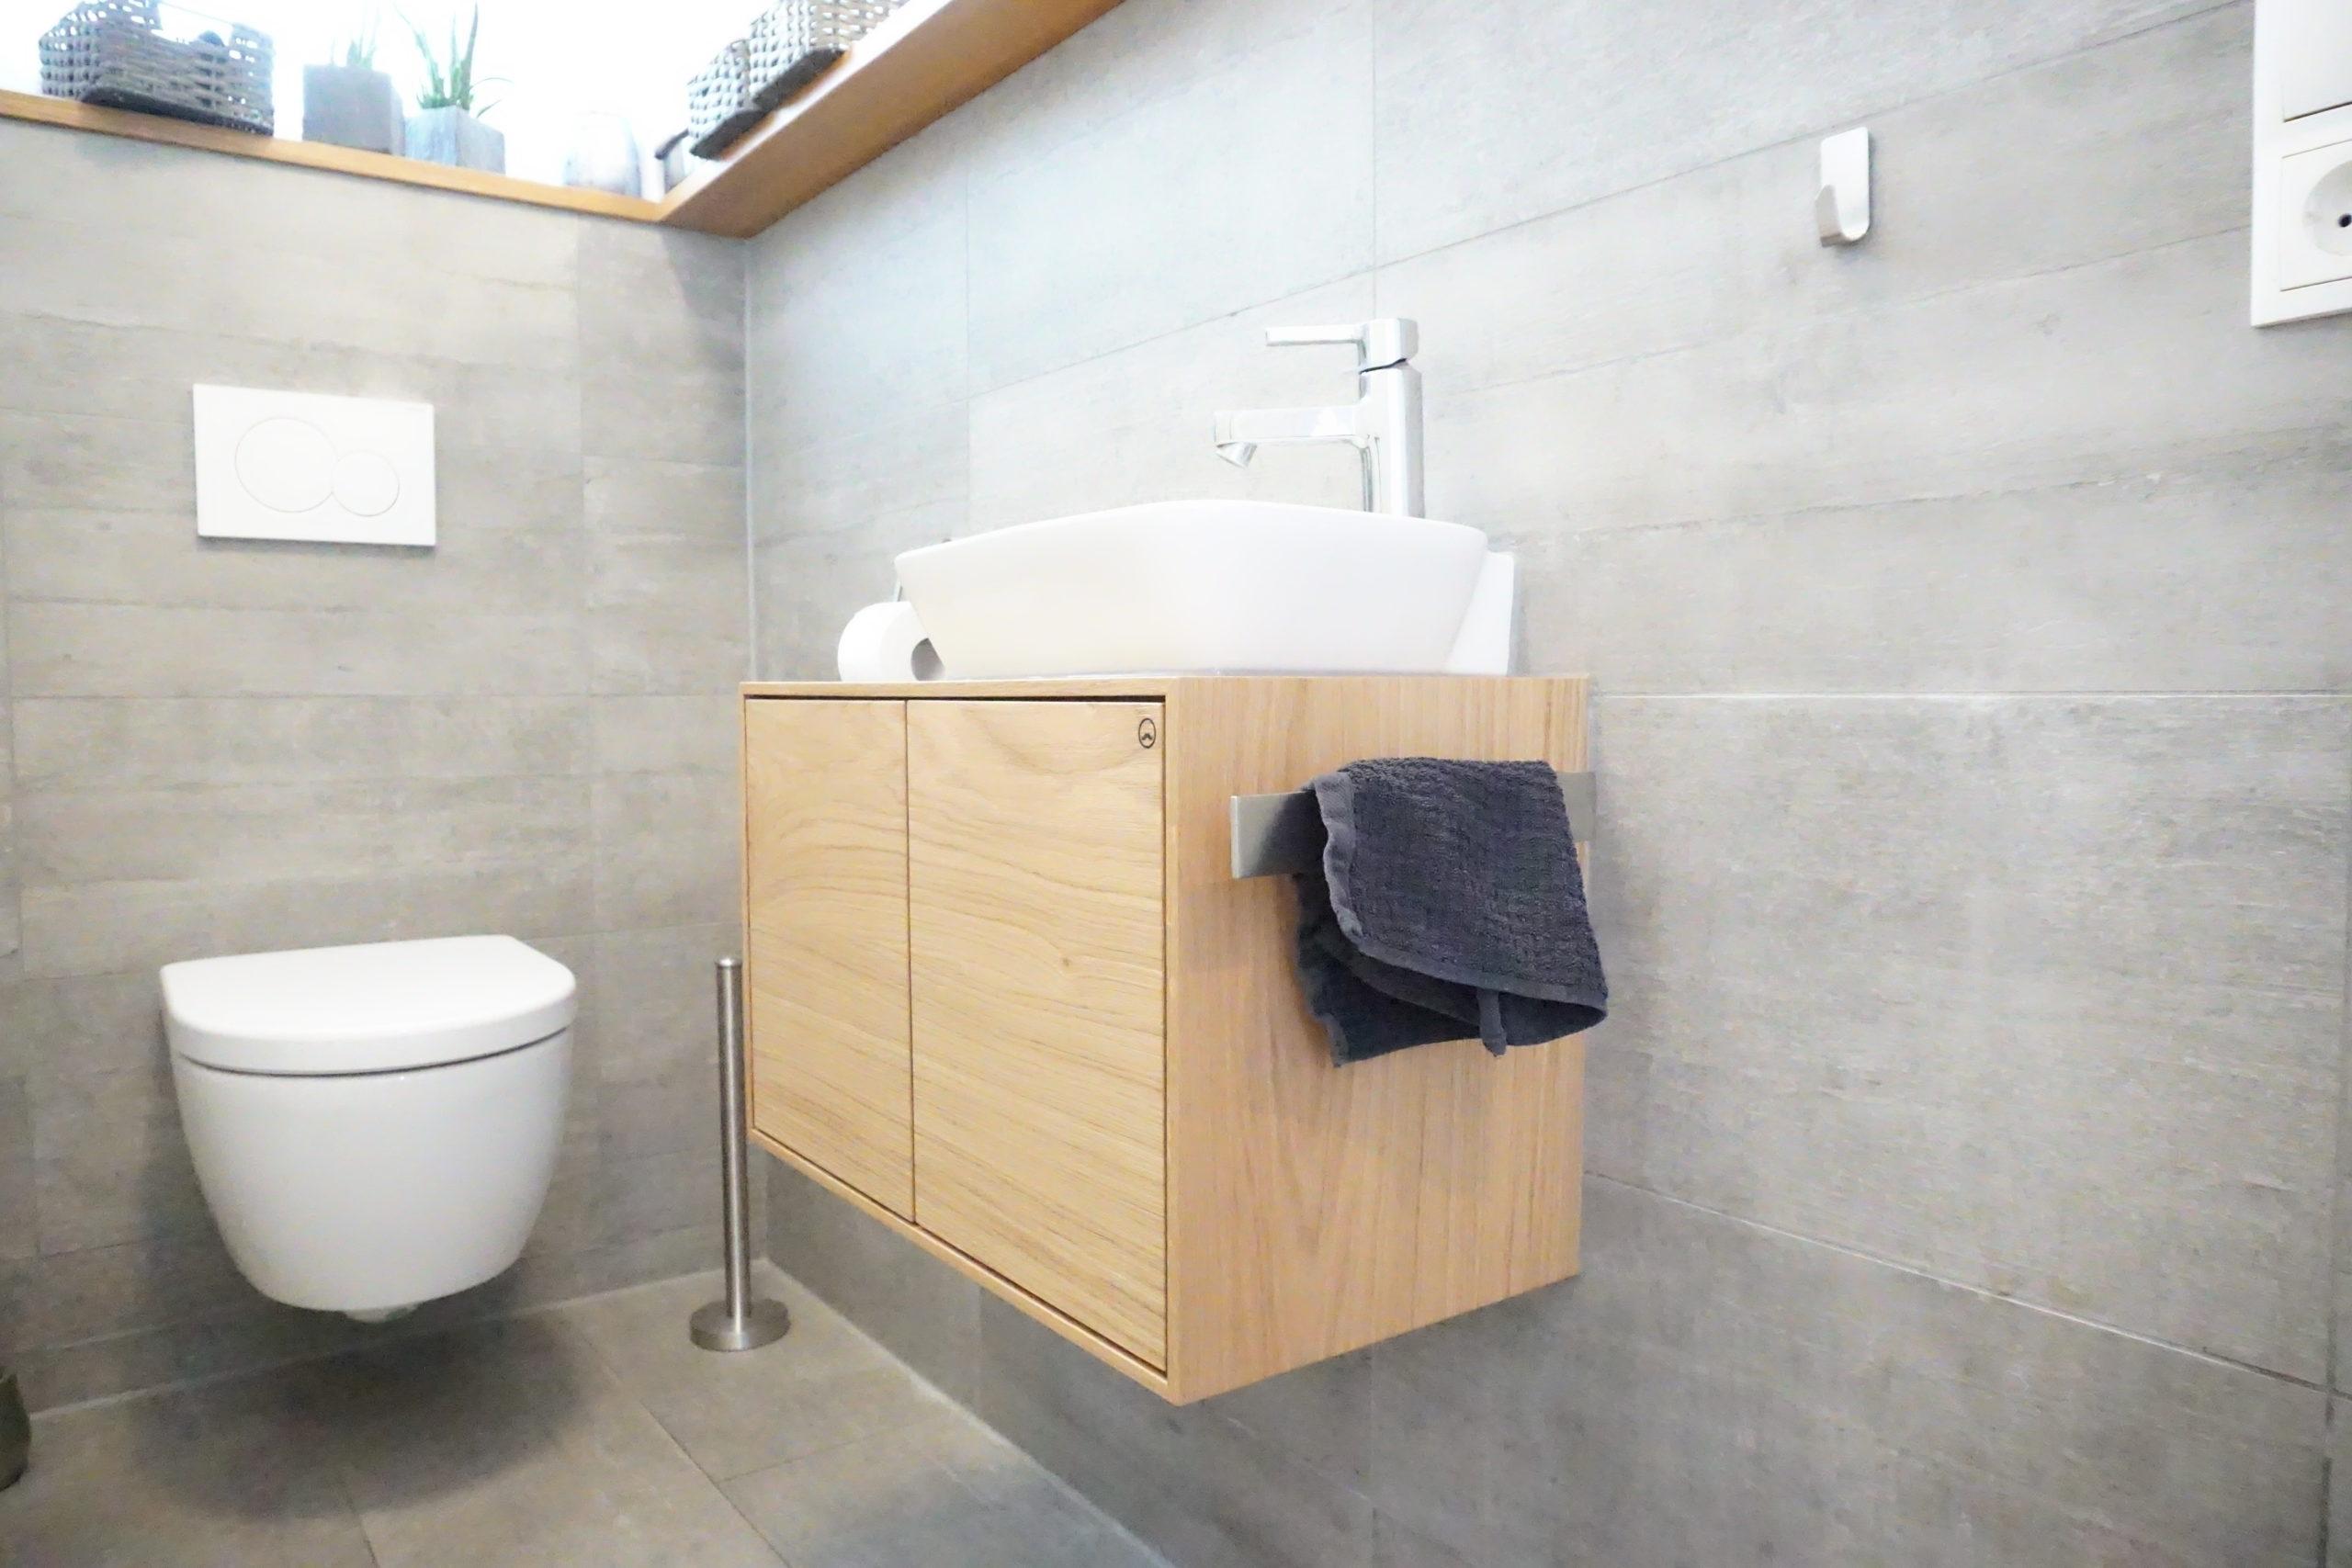 Waschbeckenunterschrank Schreiner Tettnang Bodensee